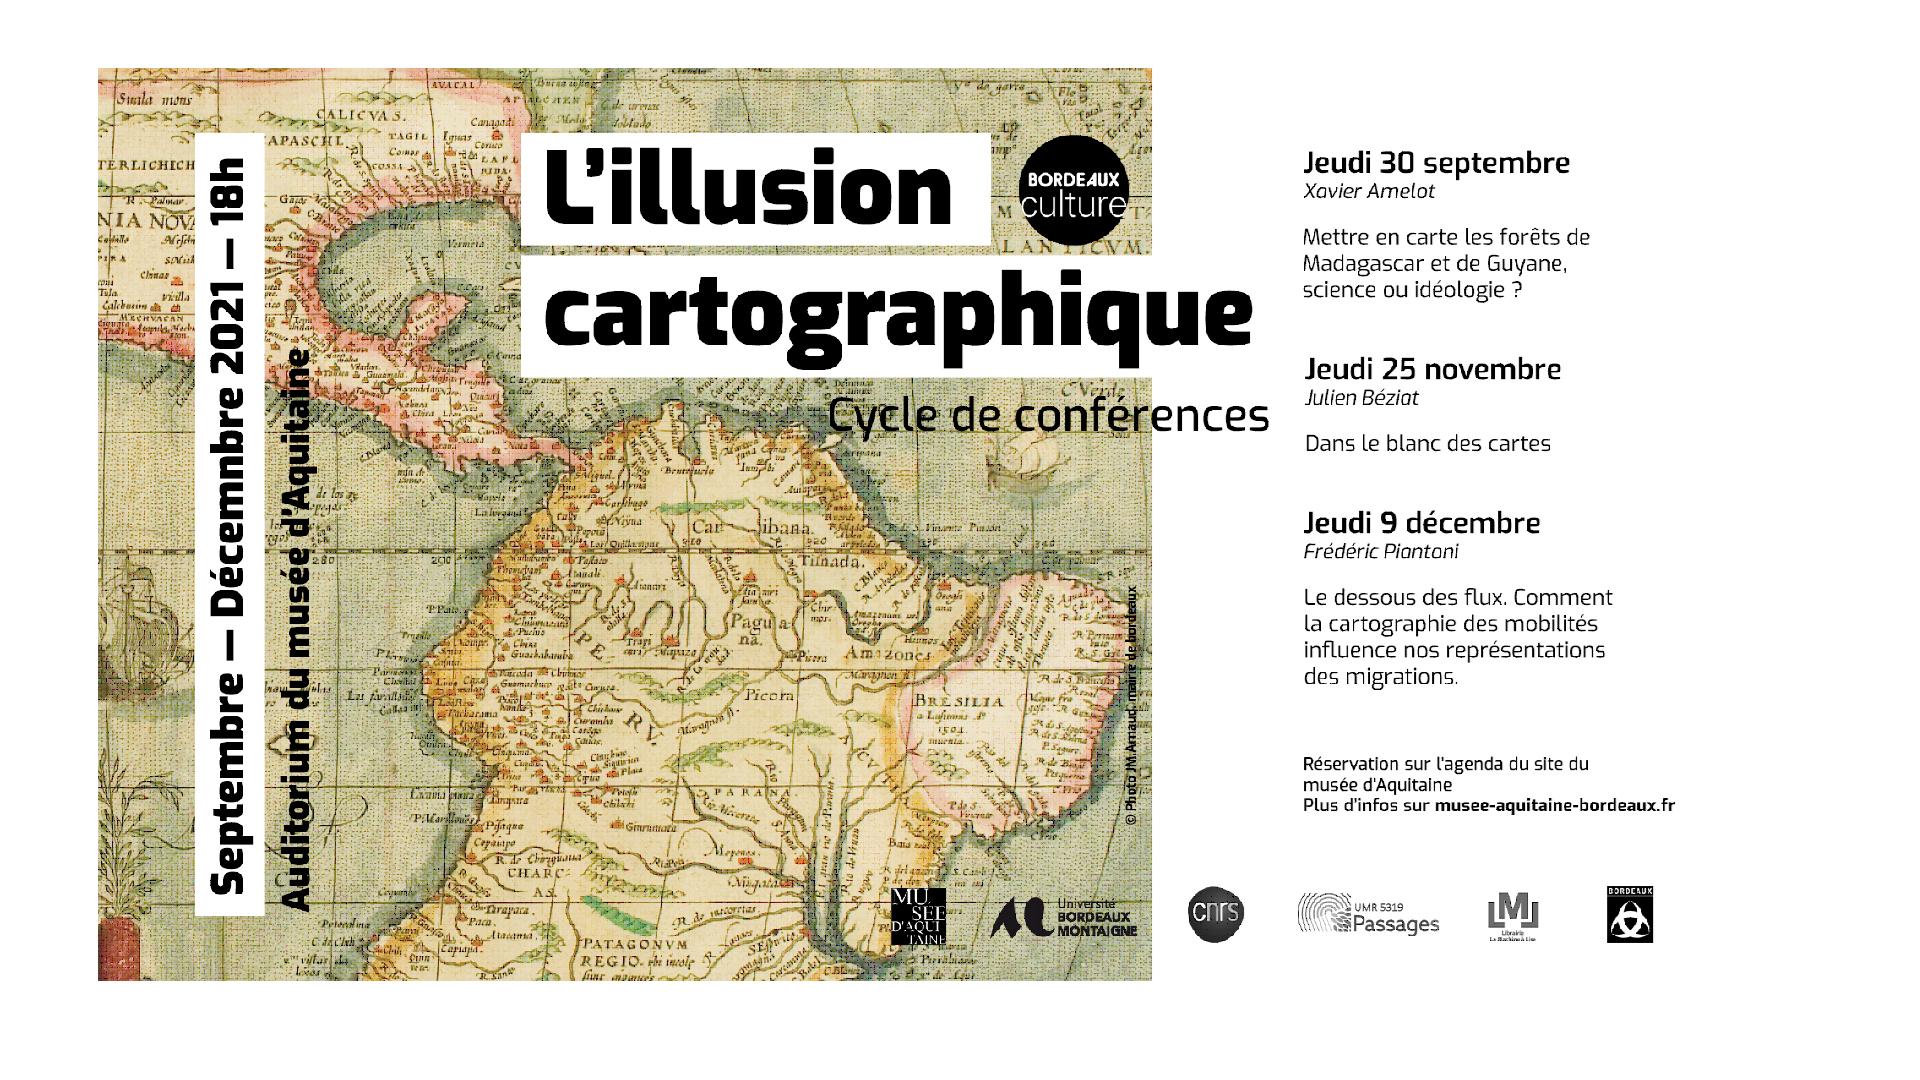 L'illusion cartographique